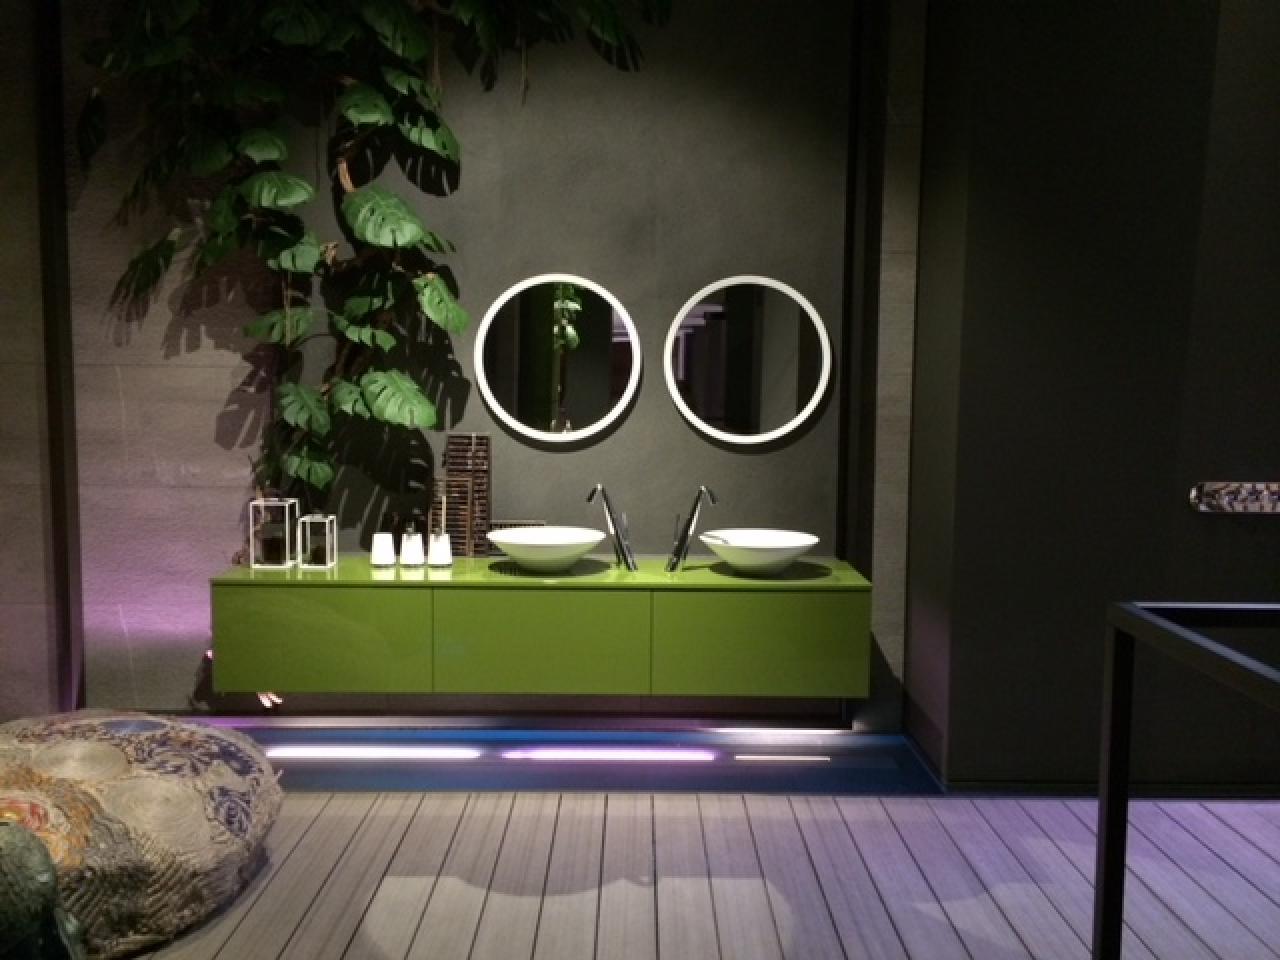 Specchi da bagno fratelli pellizzari - Lo specchio di beatrice wikipedia ...